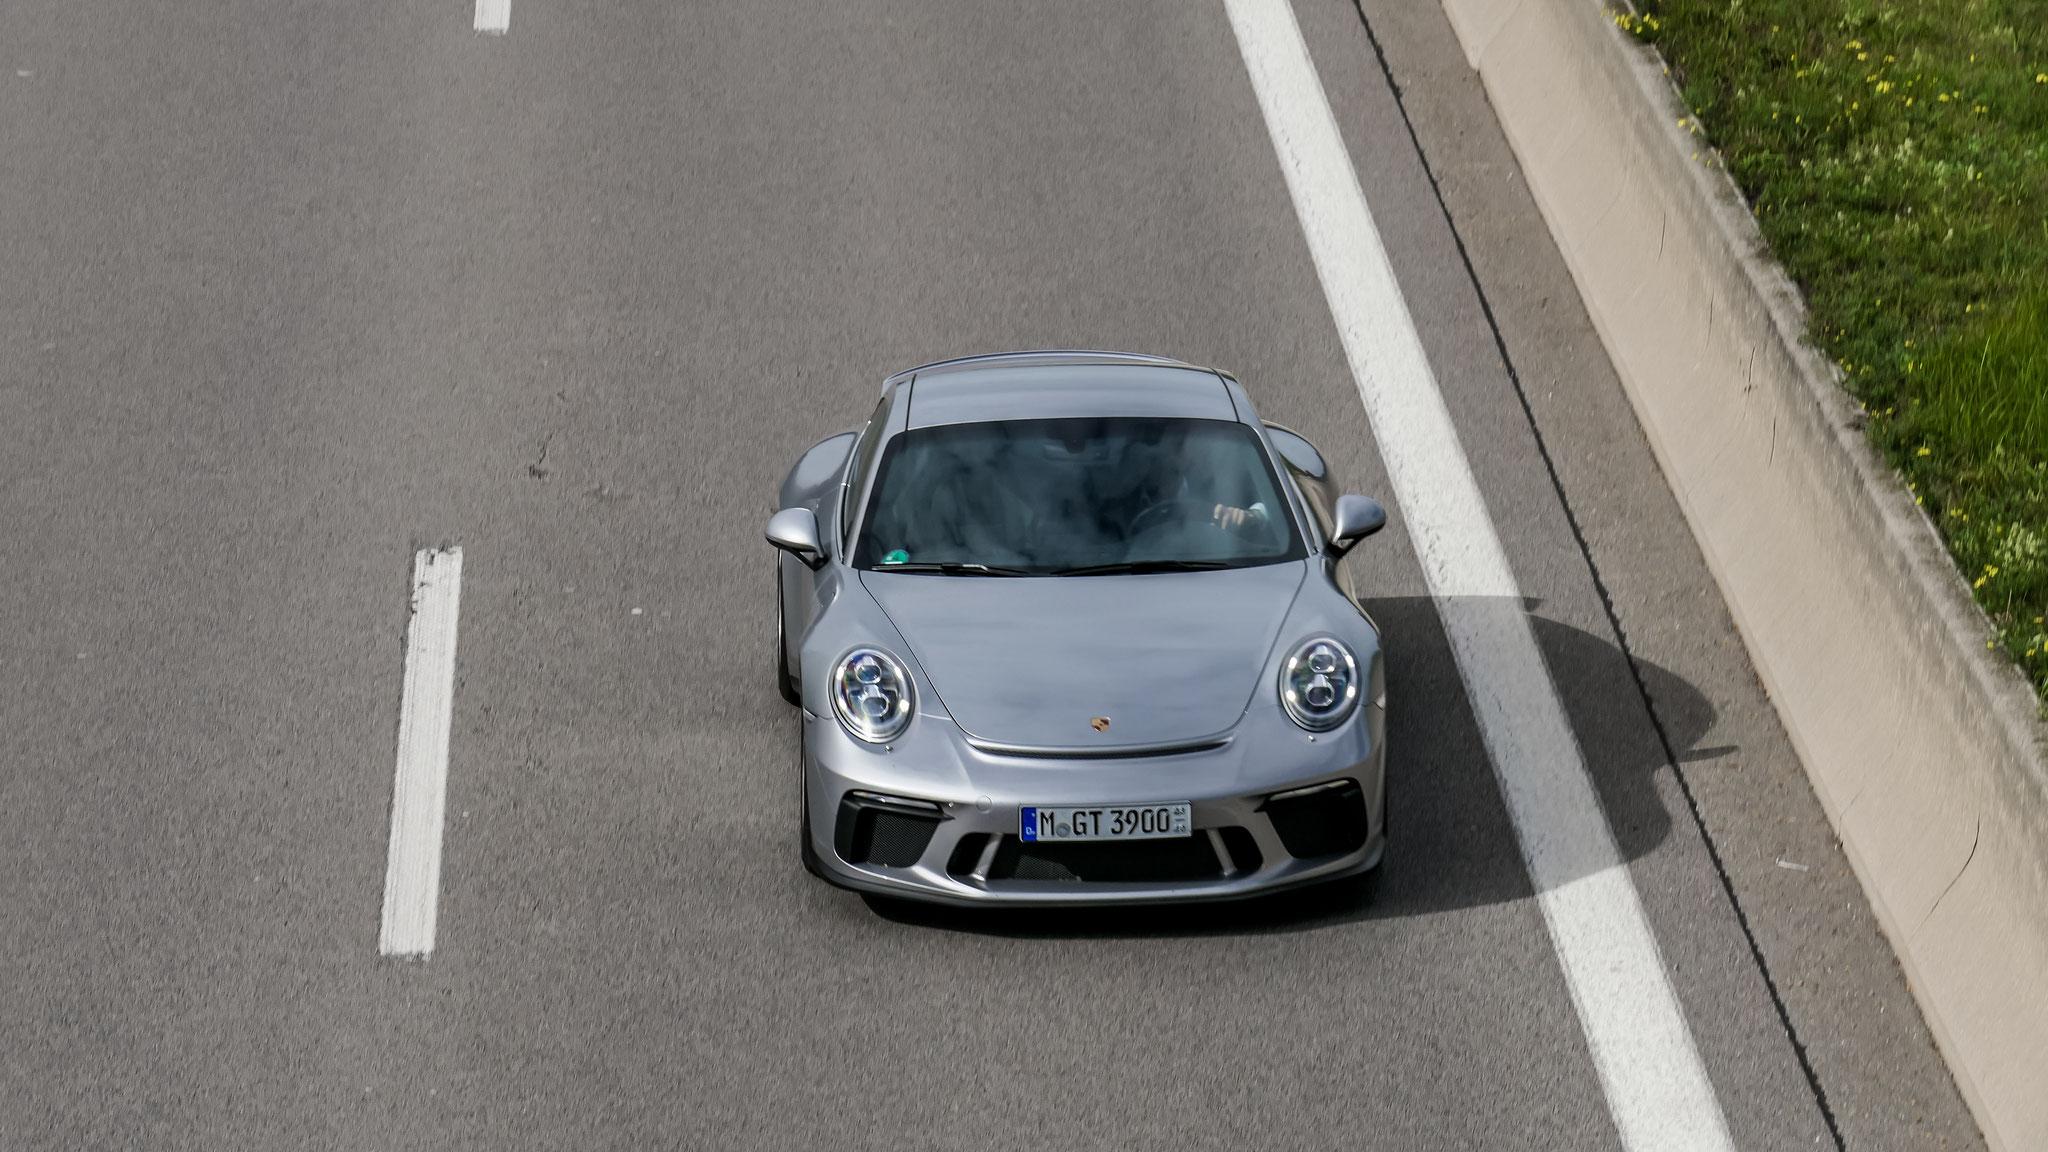 Porsche 991 GT3 Touring Package - M-GT-3900